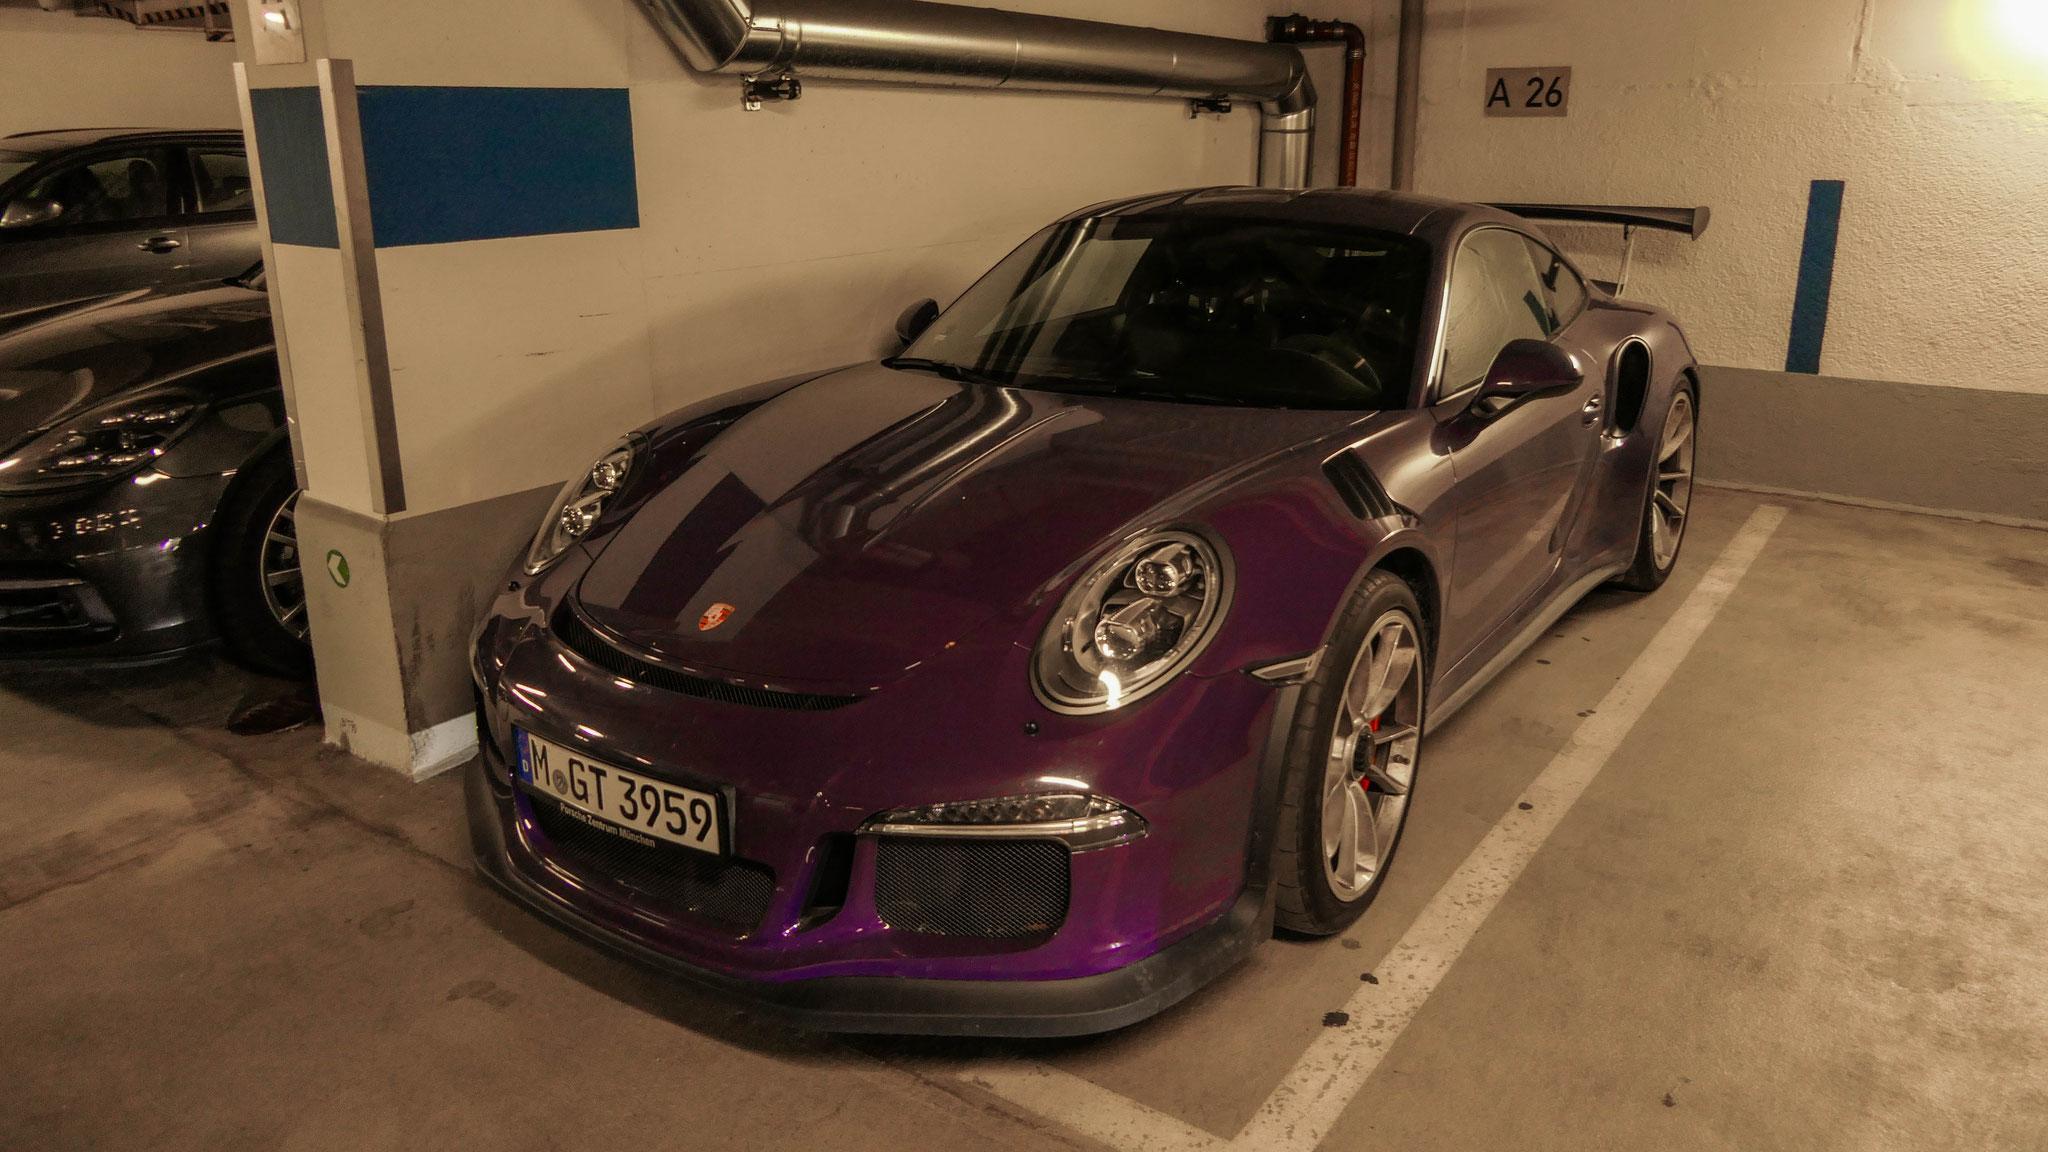 Porsche 911 GT3 RS - M-GT-3959